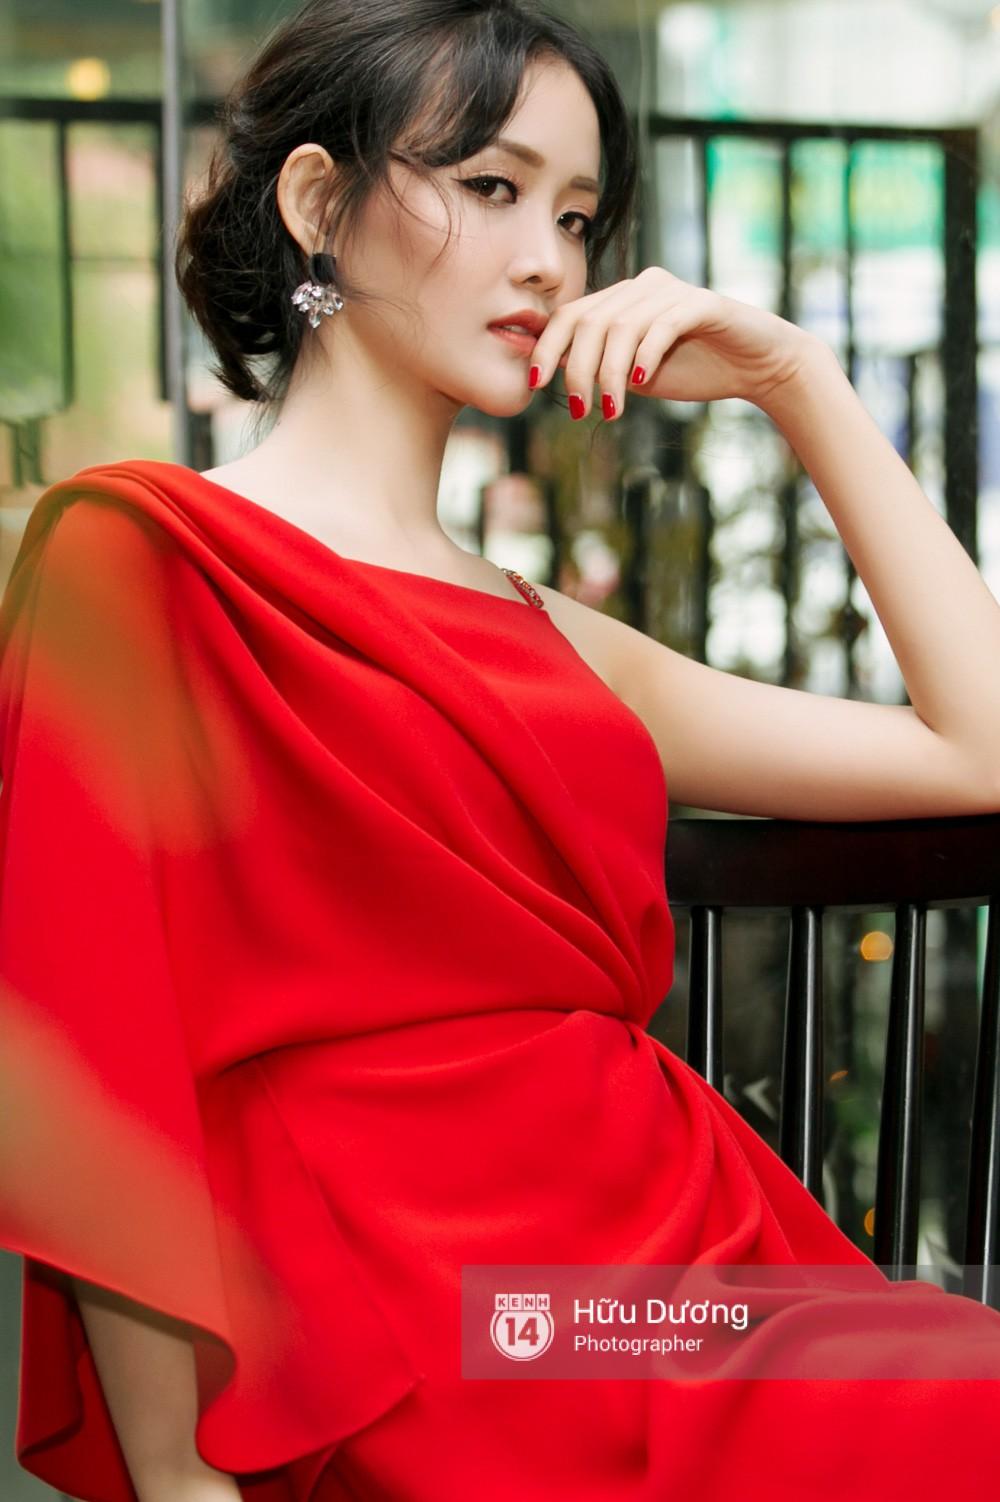 Trương Mỹ Nhân liên tục đóng vai chính 2 phim điện ảnh: Tôi đã vất vả qua nhiều vòng casting - Ảnh 7.